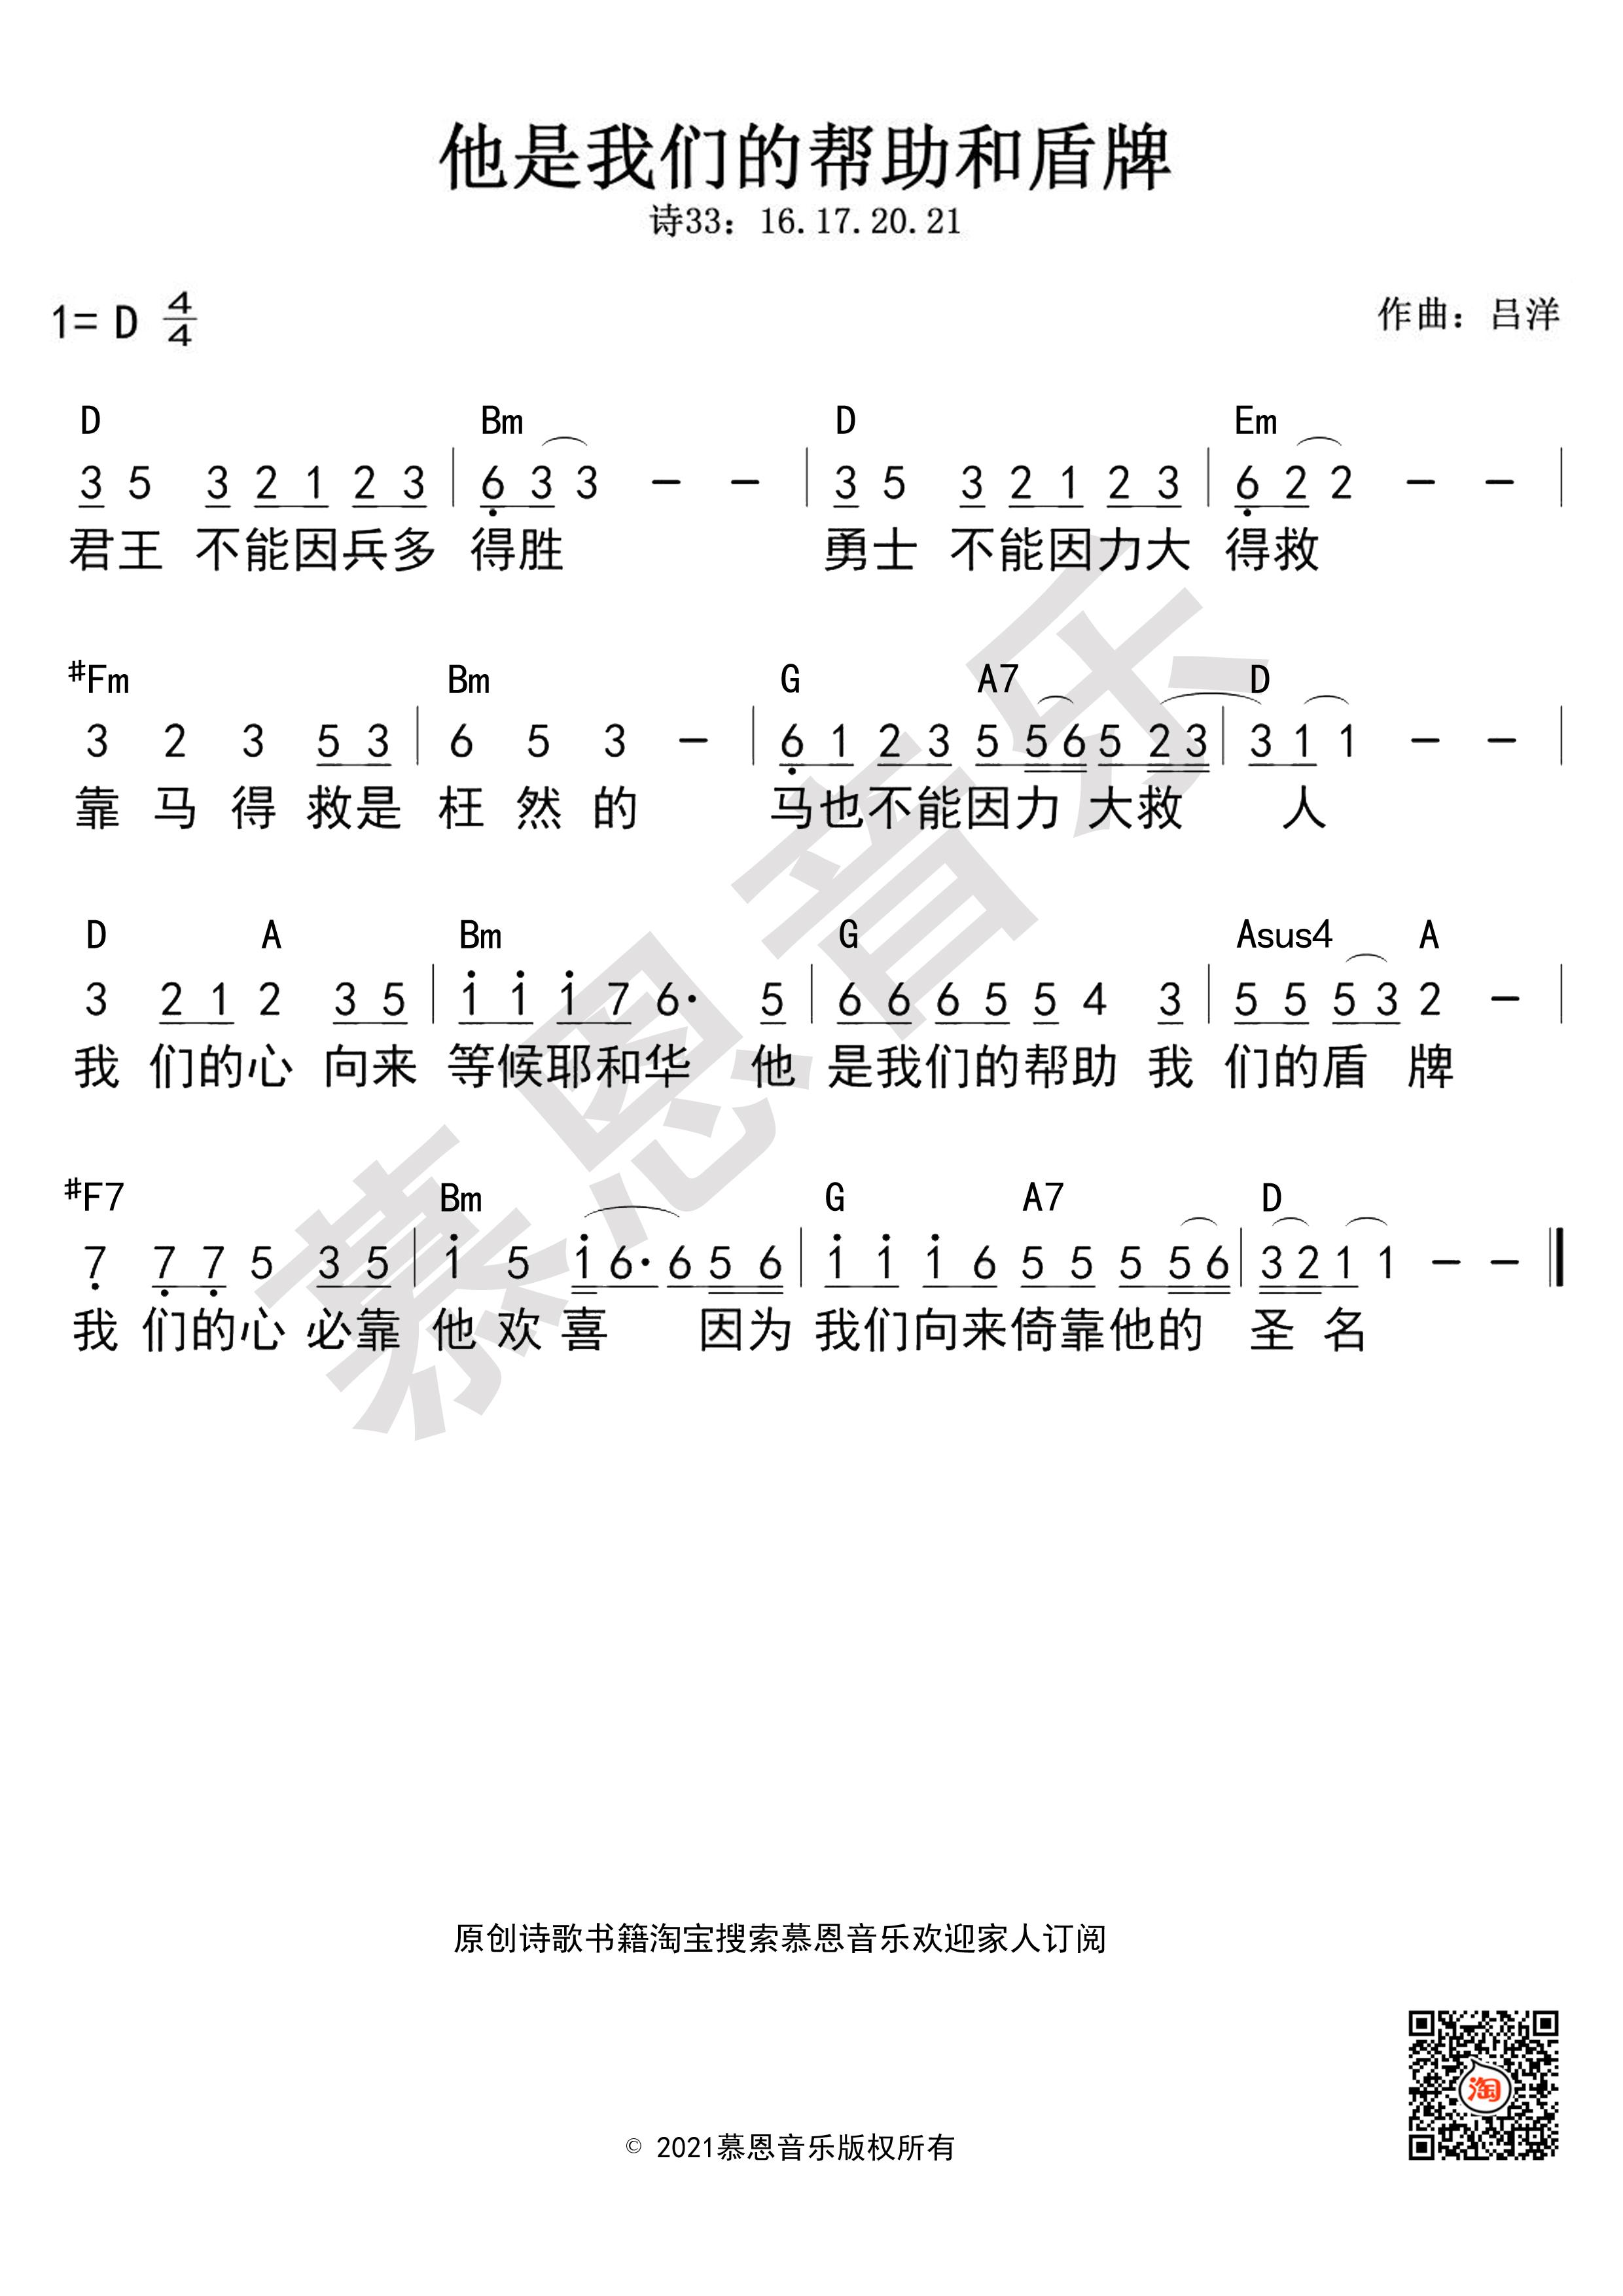 《第157首 他是我们的帮助和盾牌 官方和弦简谱》